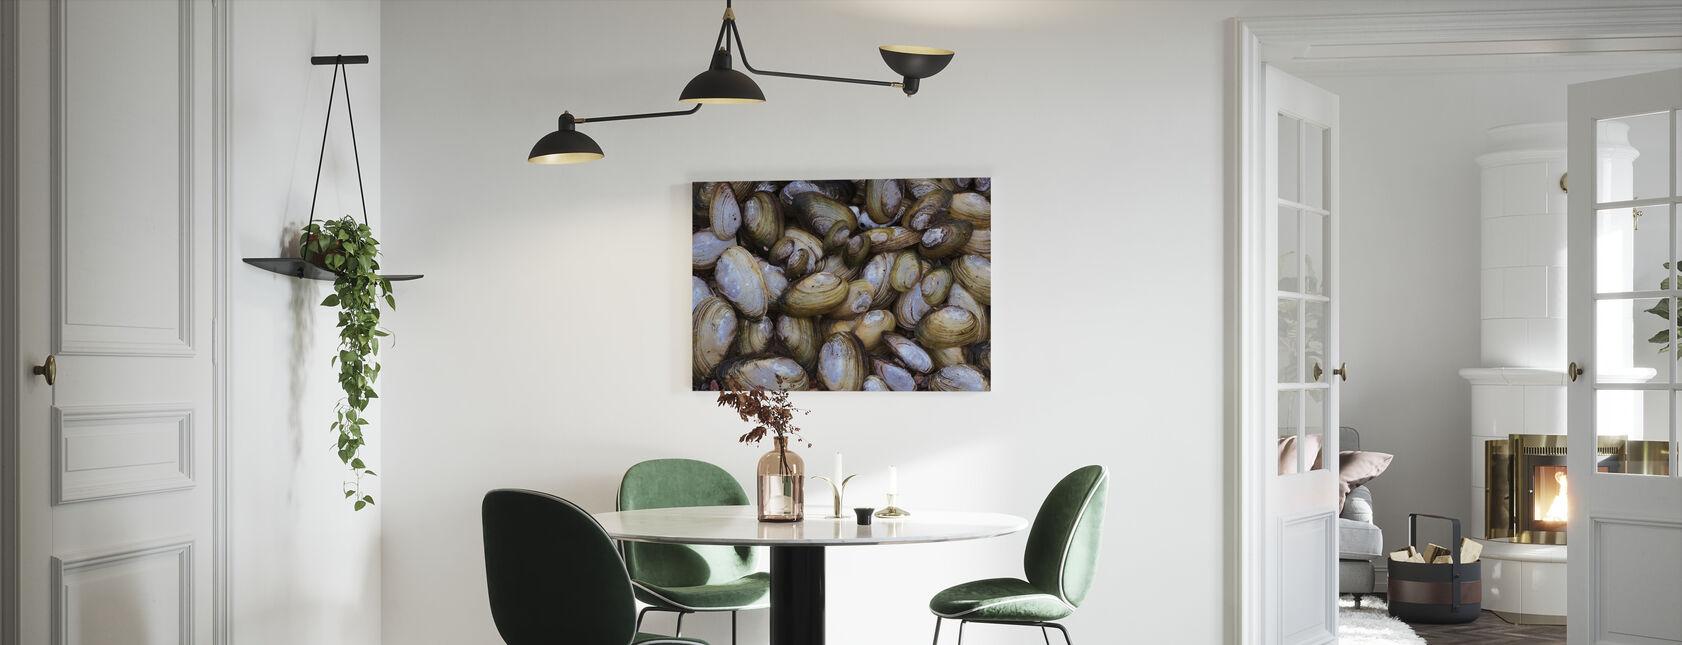 Musling Shell - Billede på lærred - Køkken